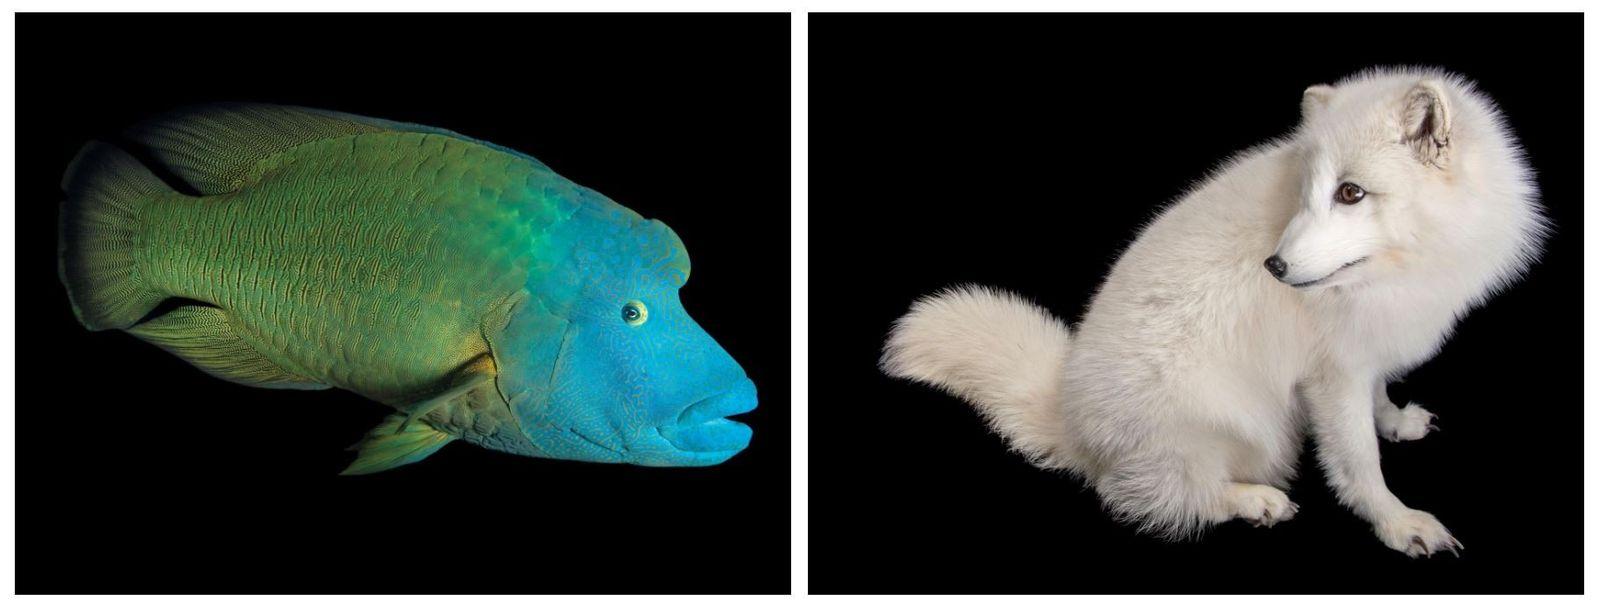 Esquerda: Peixe-napoleão, Cheilinus undulatus (em perigo). Direita: Raposa-do-ártico, Vulpes lagopus (pouco preocupante).